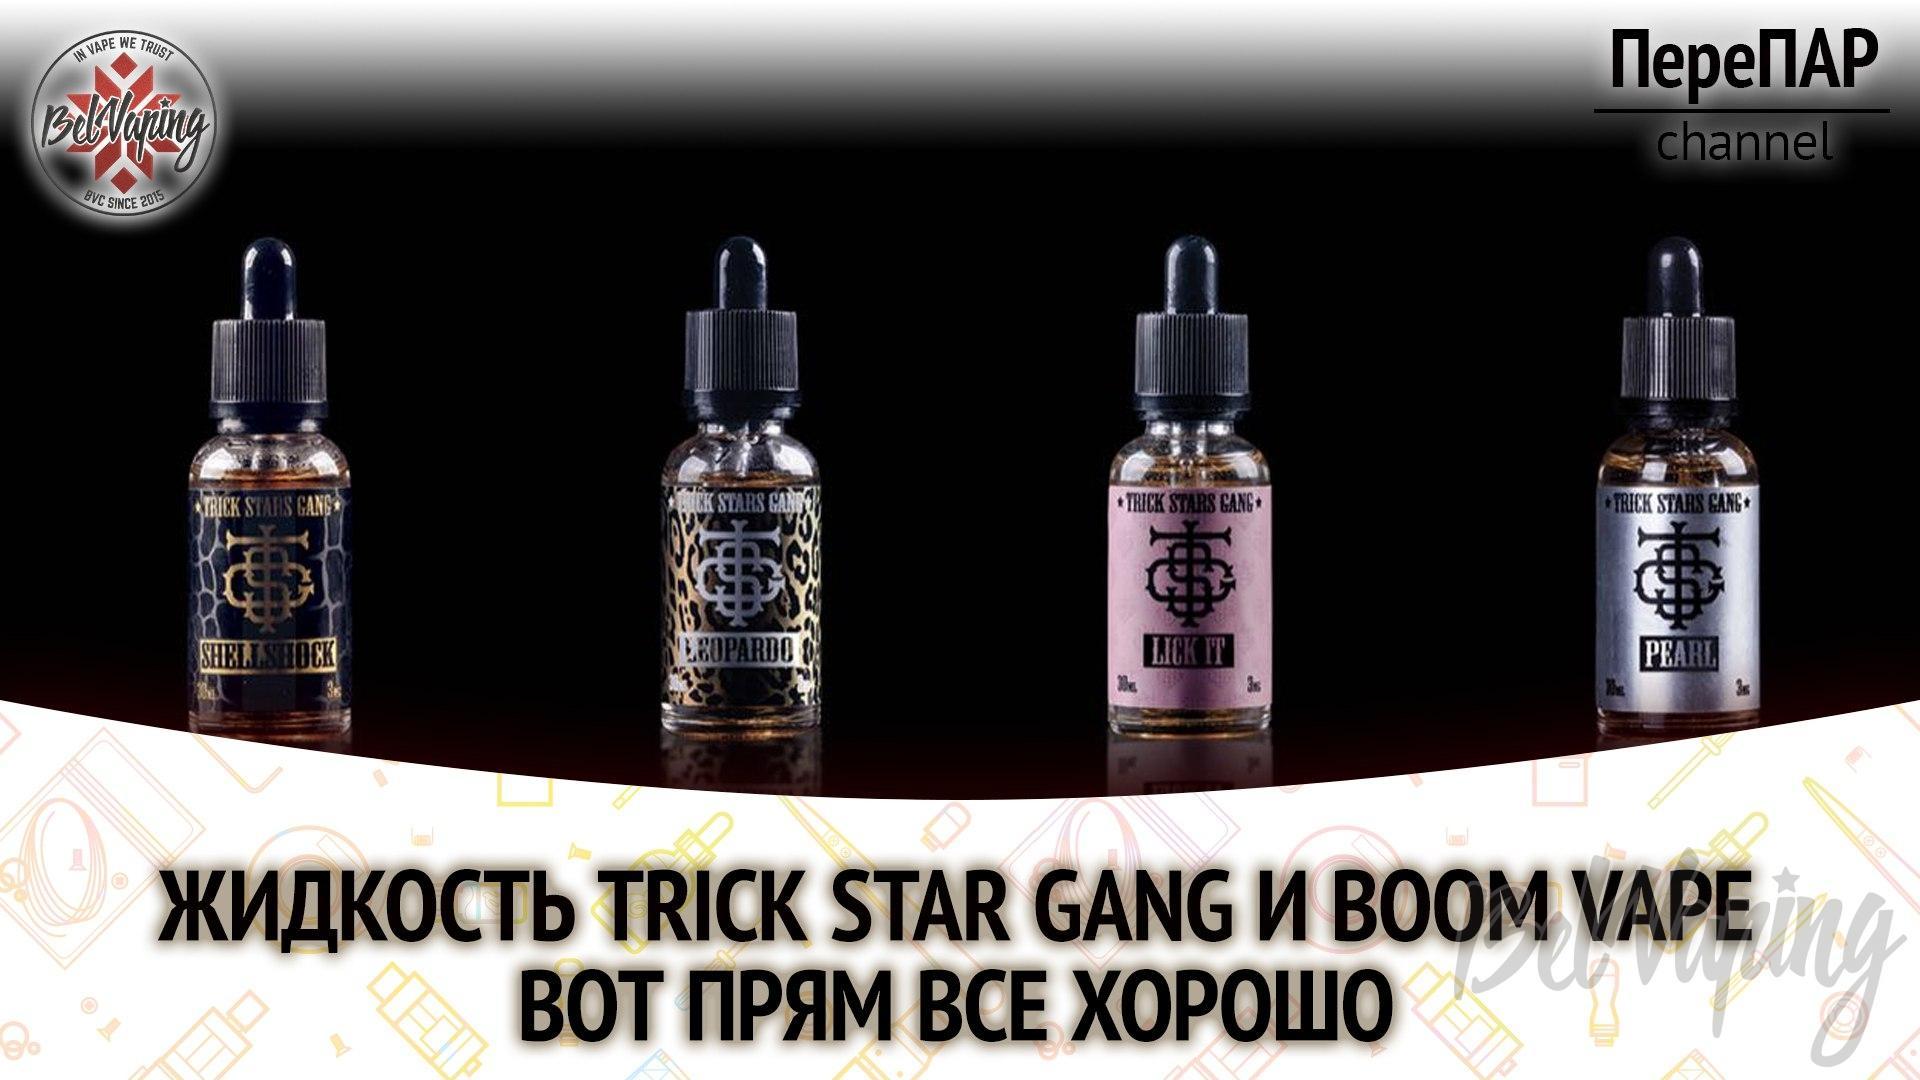 Жидкость Trick Star Gang и Boomvape